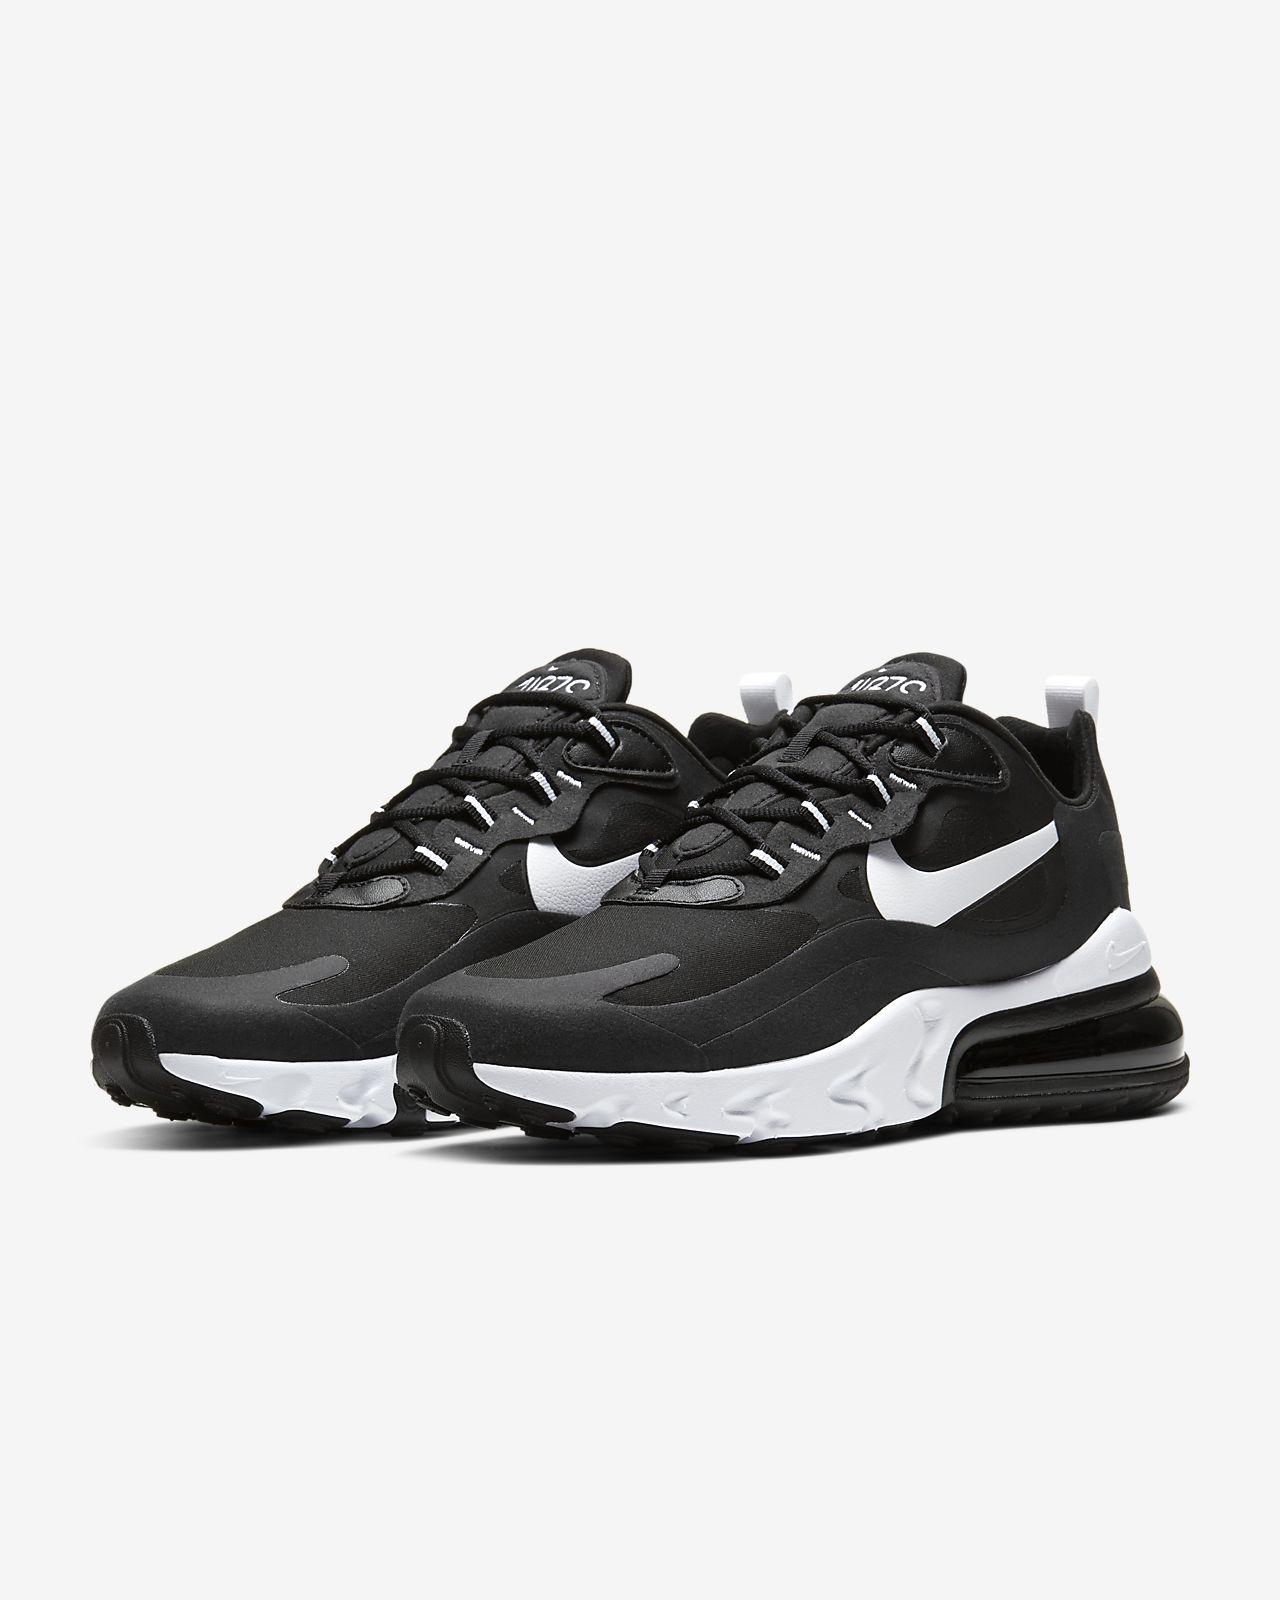 Nike Air Max 270 React BlackWhite (CI3866 004)